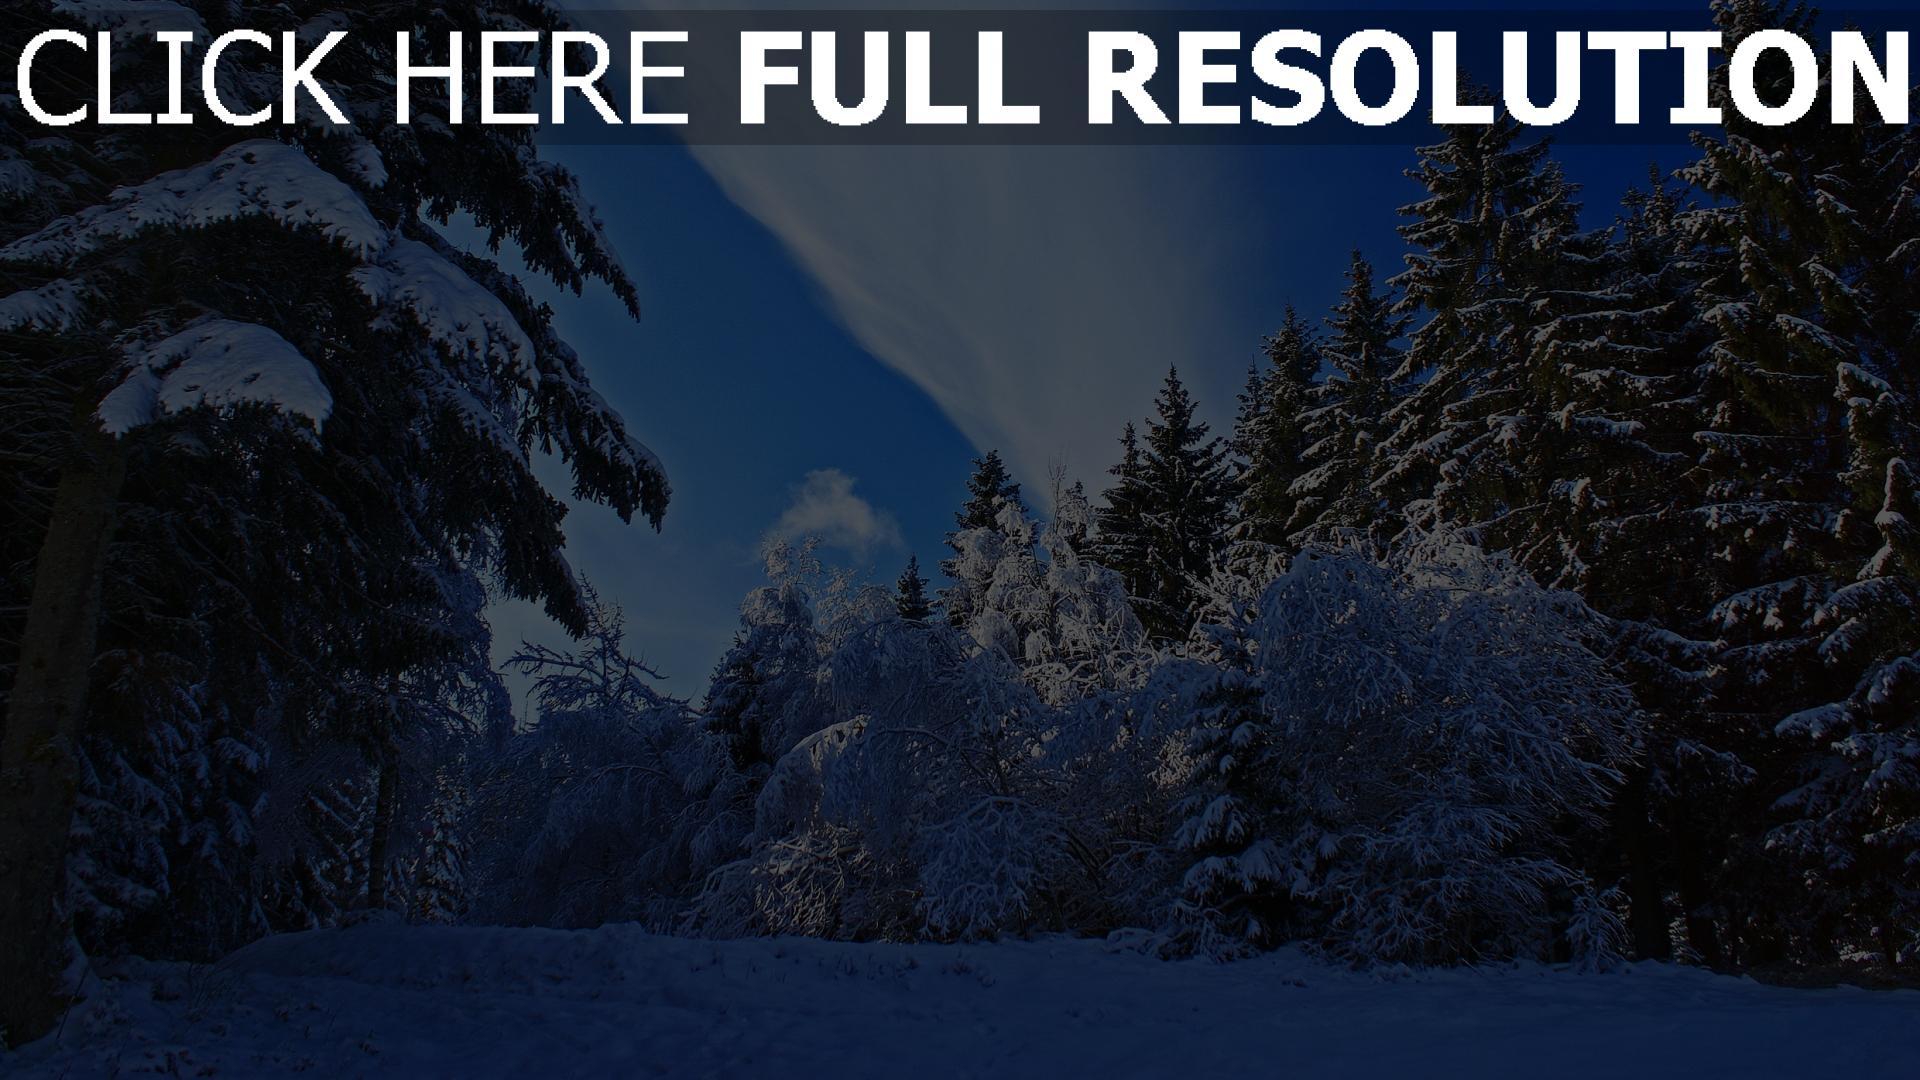 hd hintergrundbilder wald bäume schnee fichte himmel wolken 1920x1080